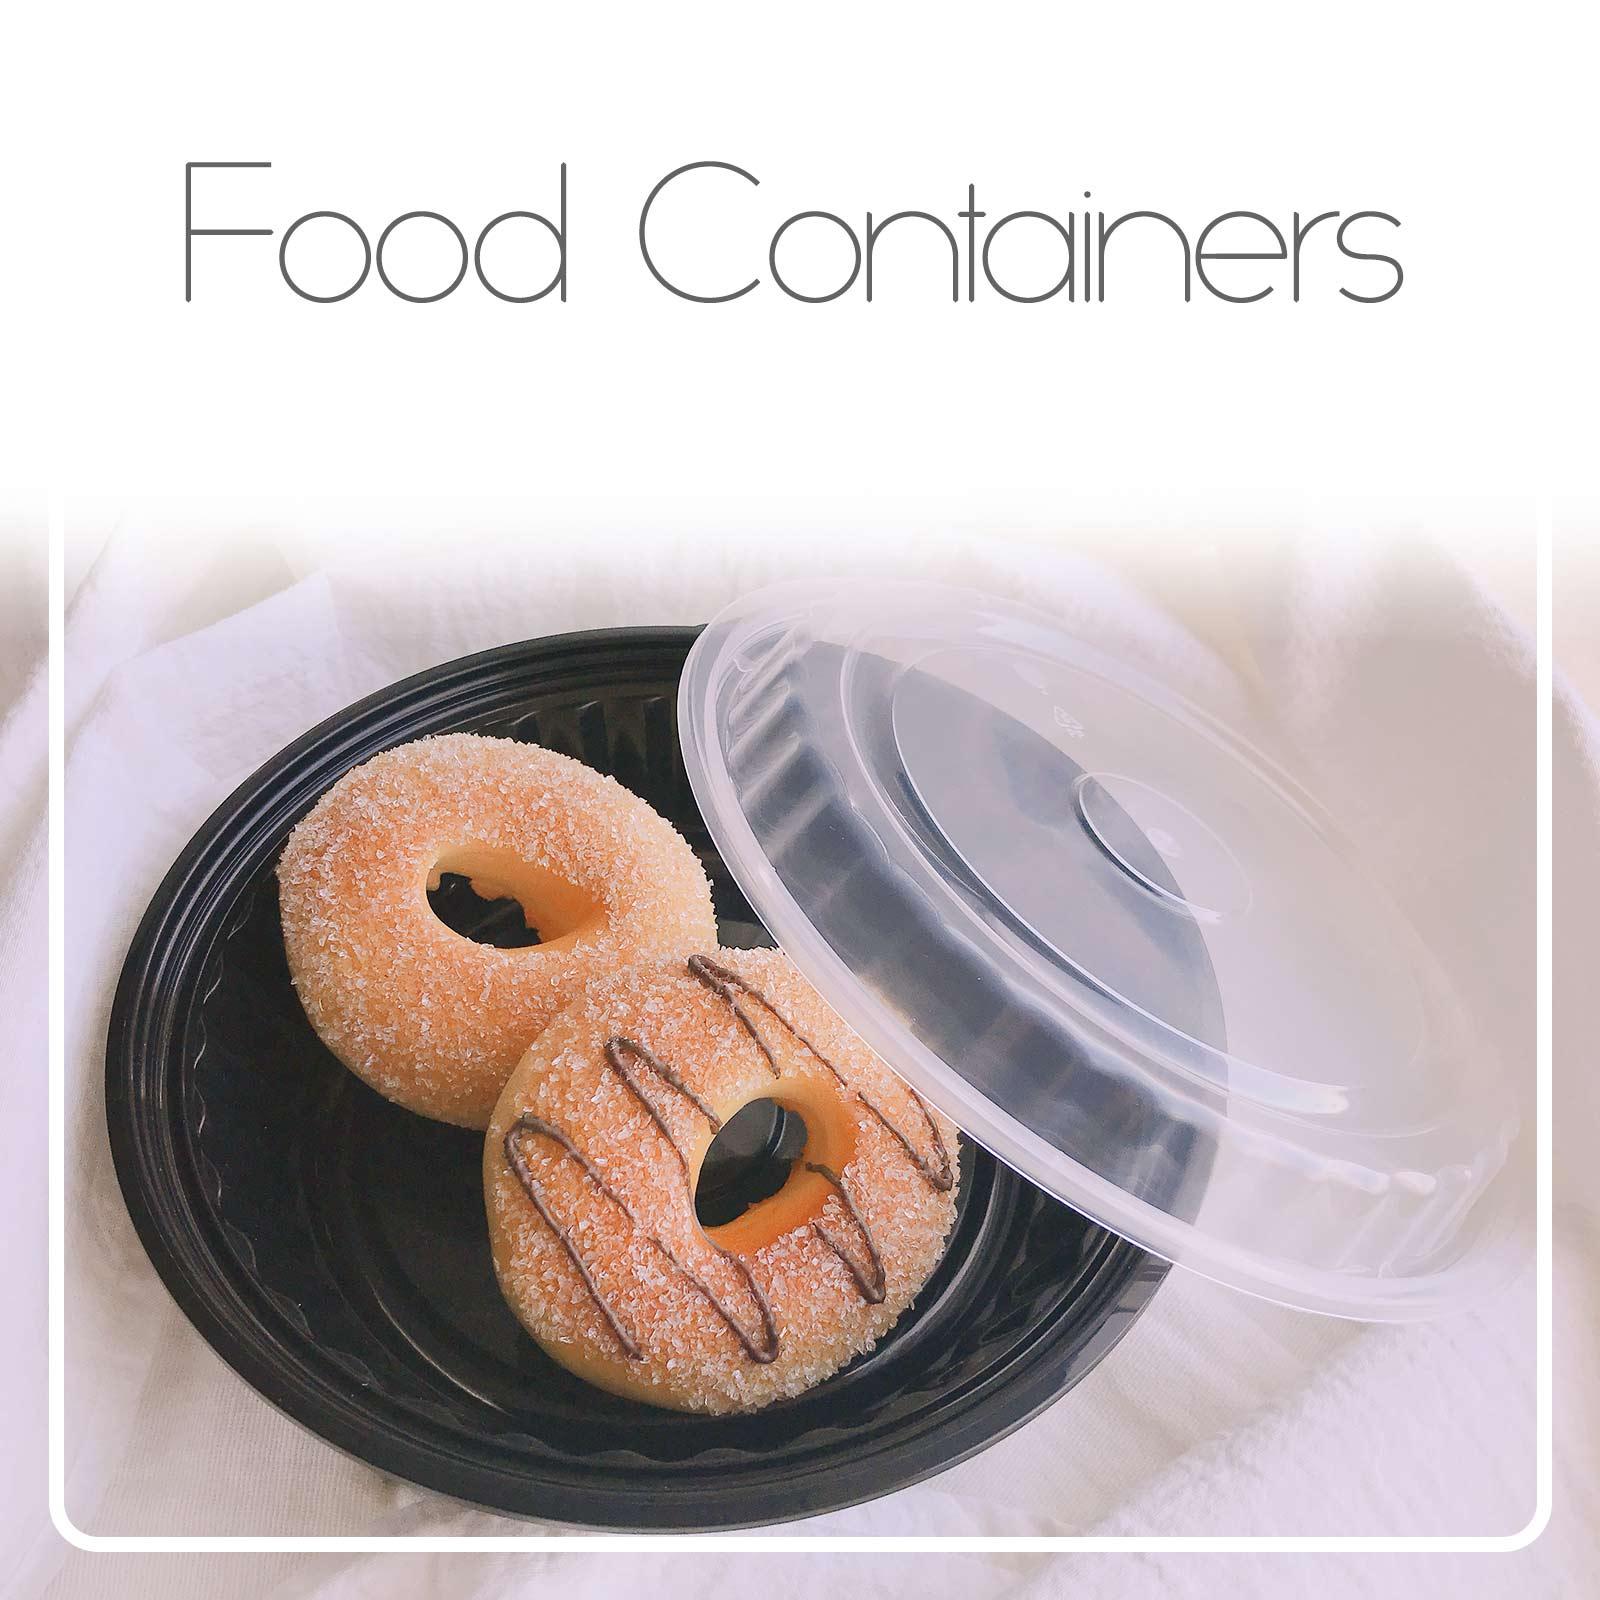 प्लास्टिक खाद्य कंटेनर - प्लास्टिक खाद्य कंटेनर